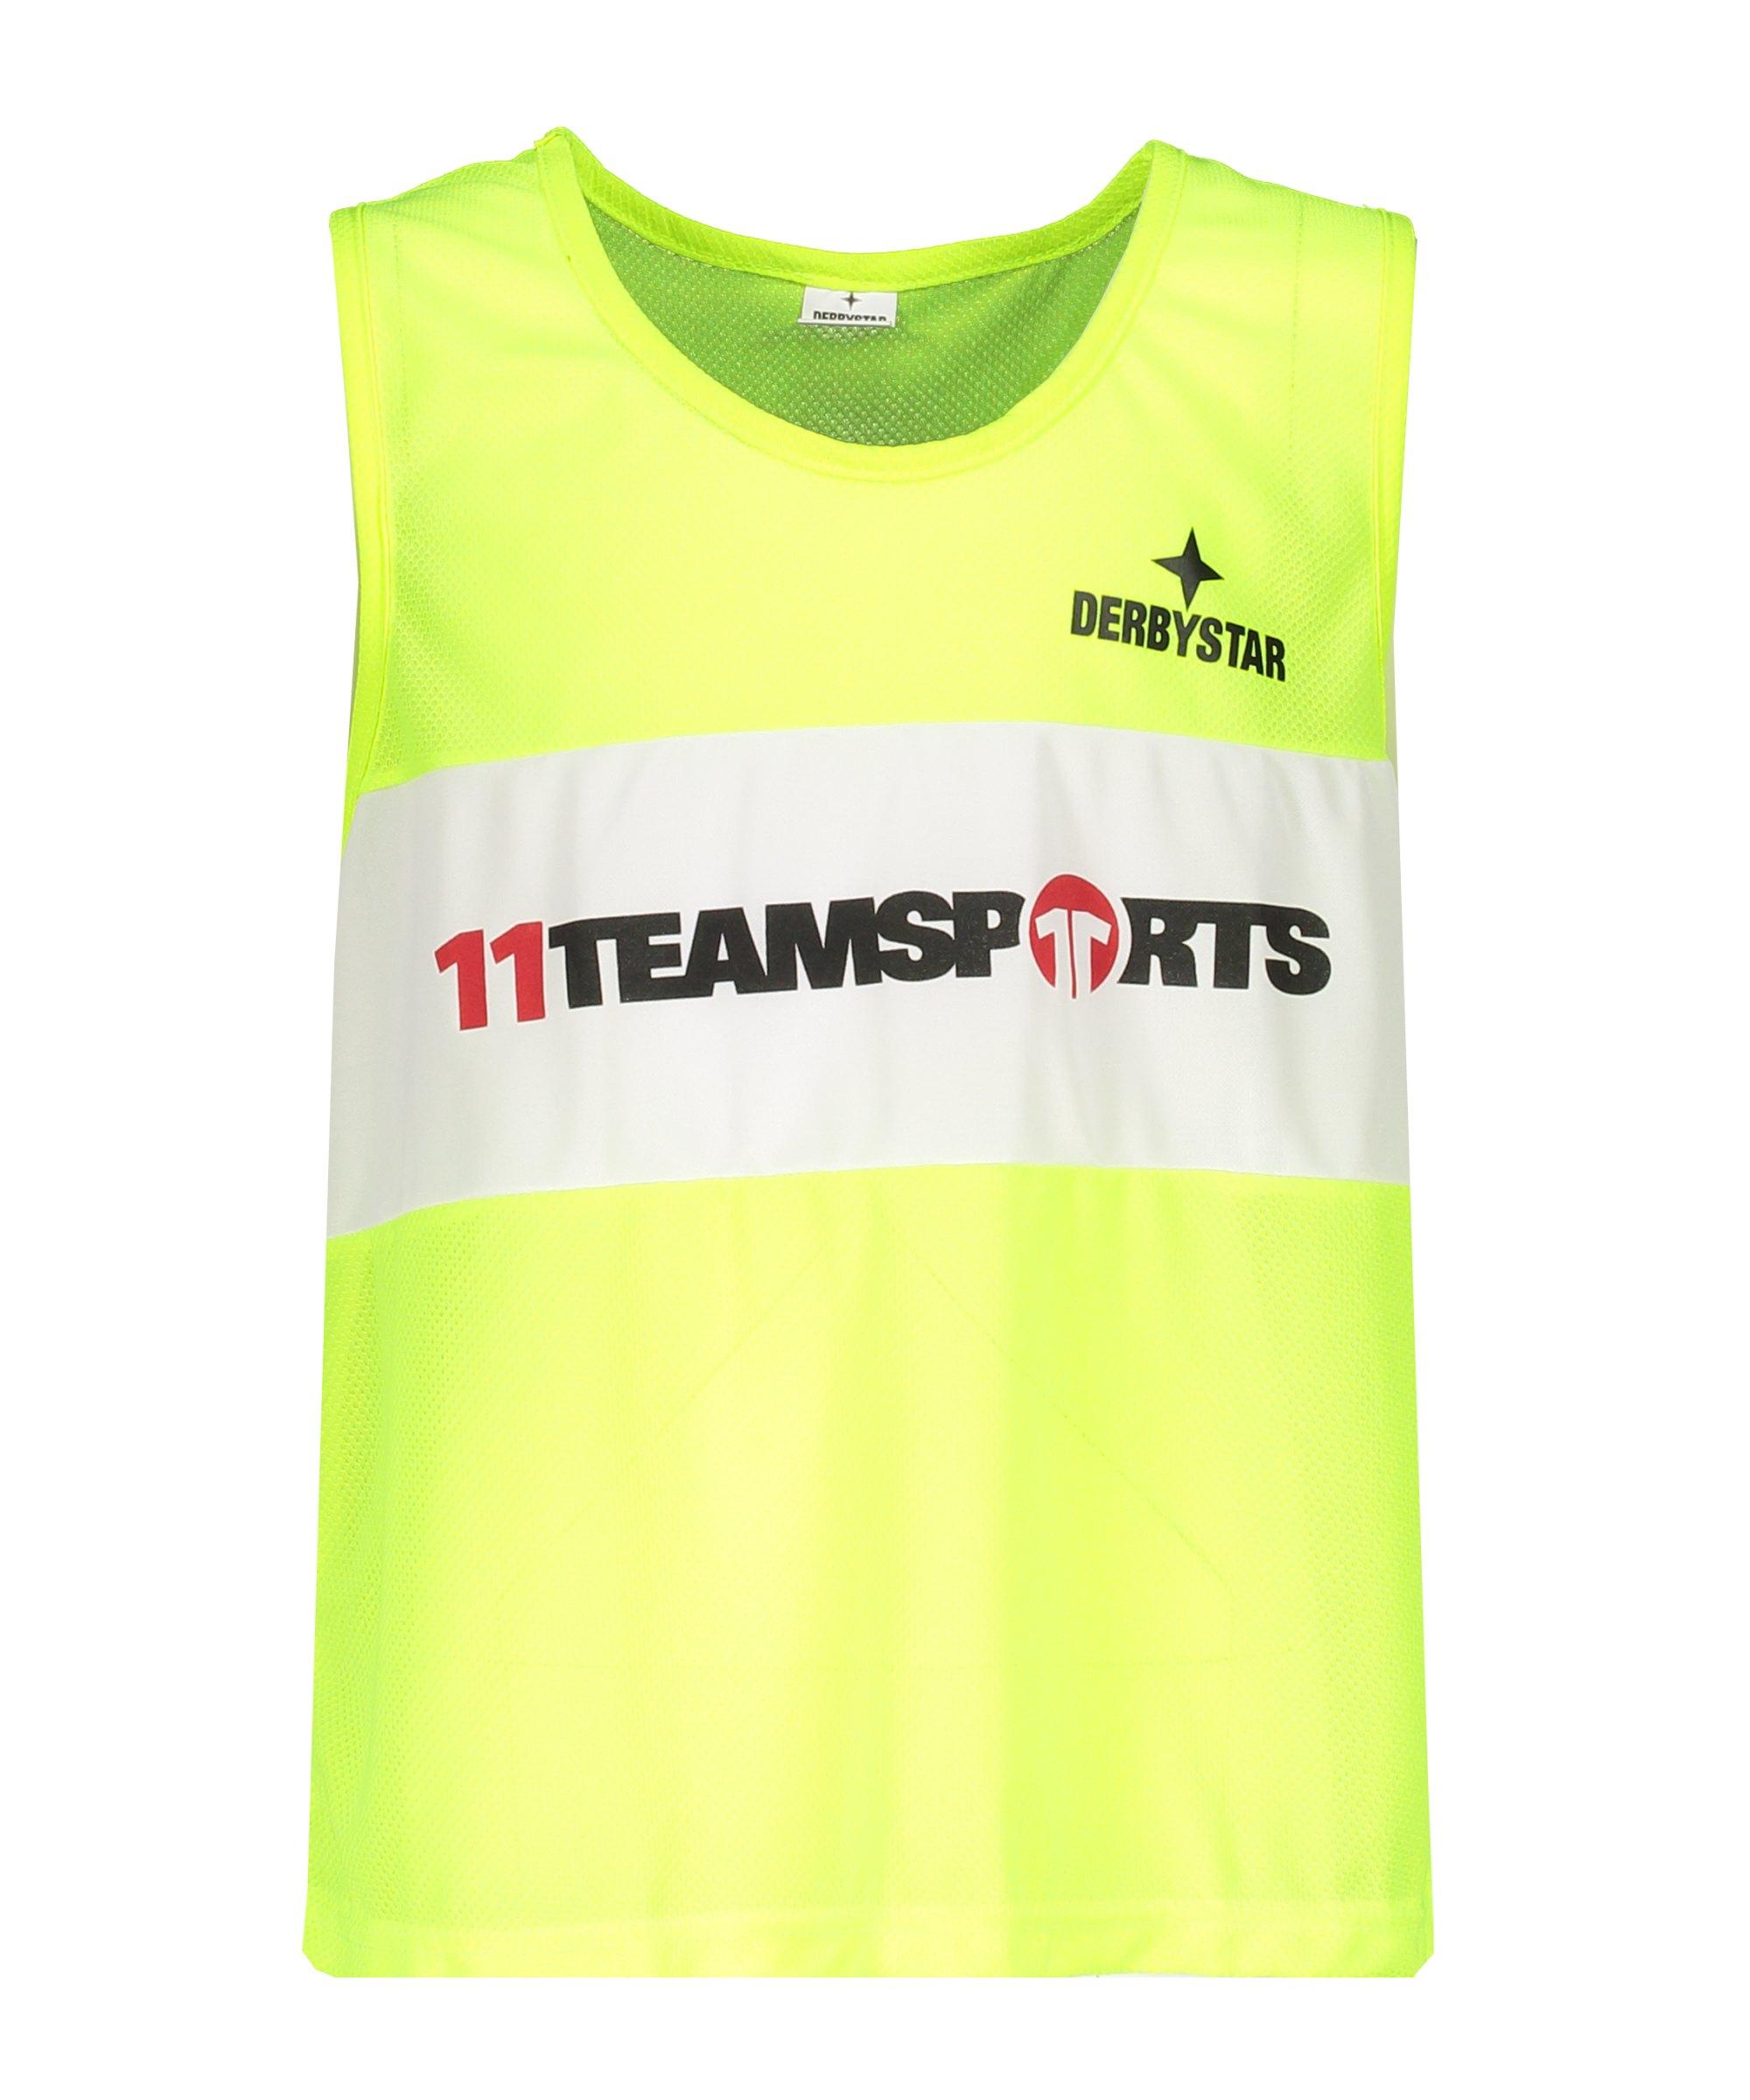 Derbystar Markierungshemdchen 11teamsports Gelb - gelb